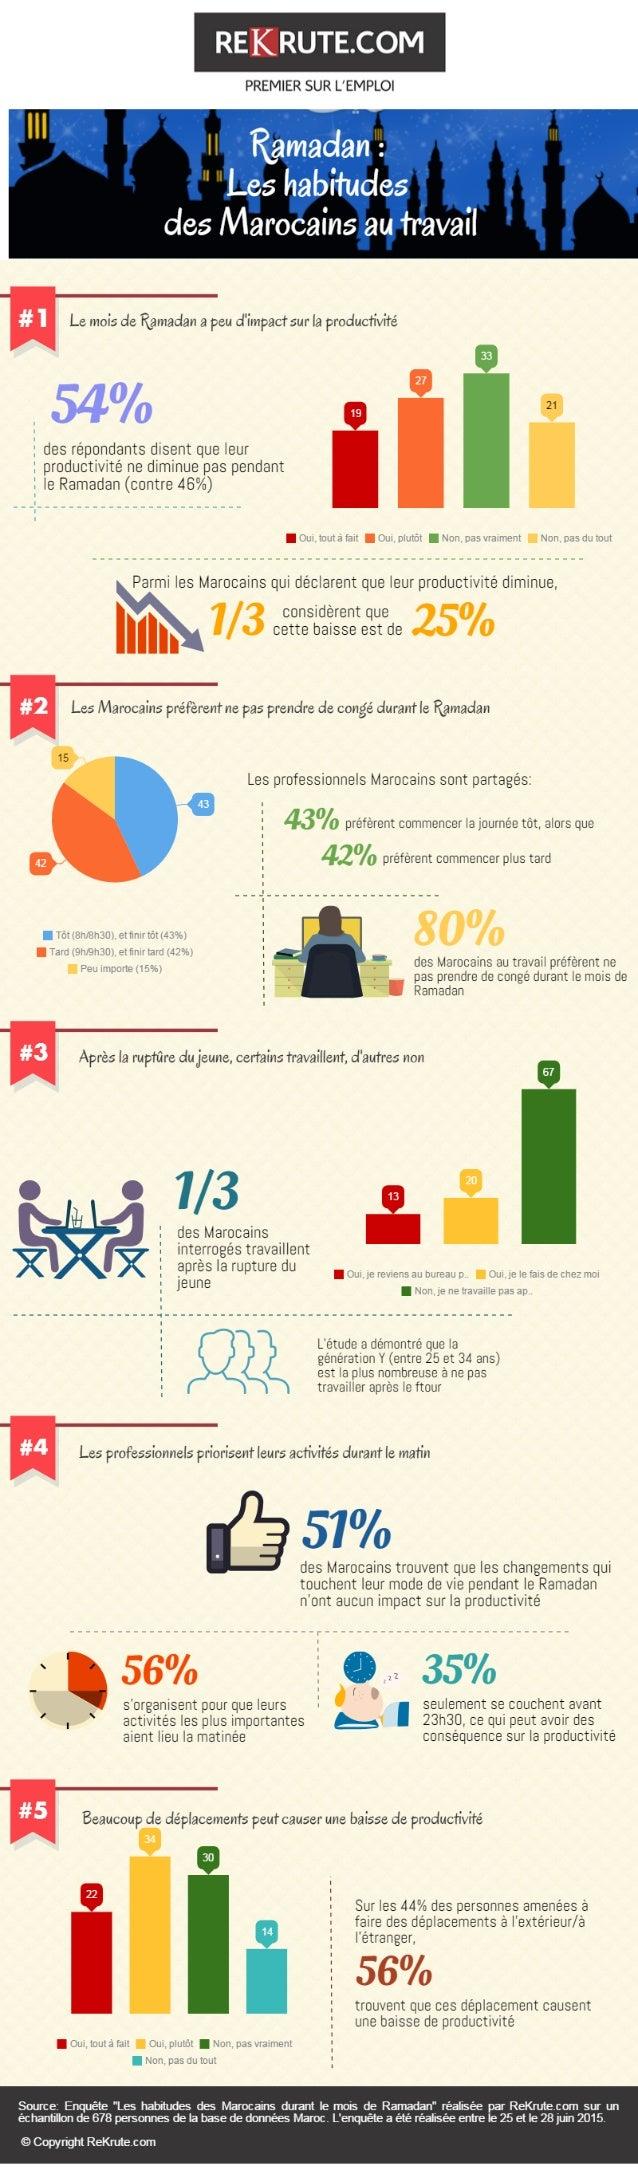 Infographie - Les habitudes de travail des marocains durant le mois de Ramadan